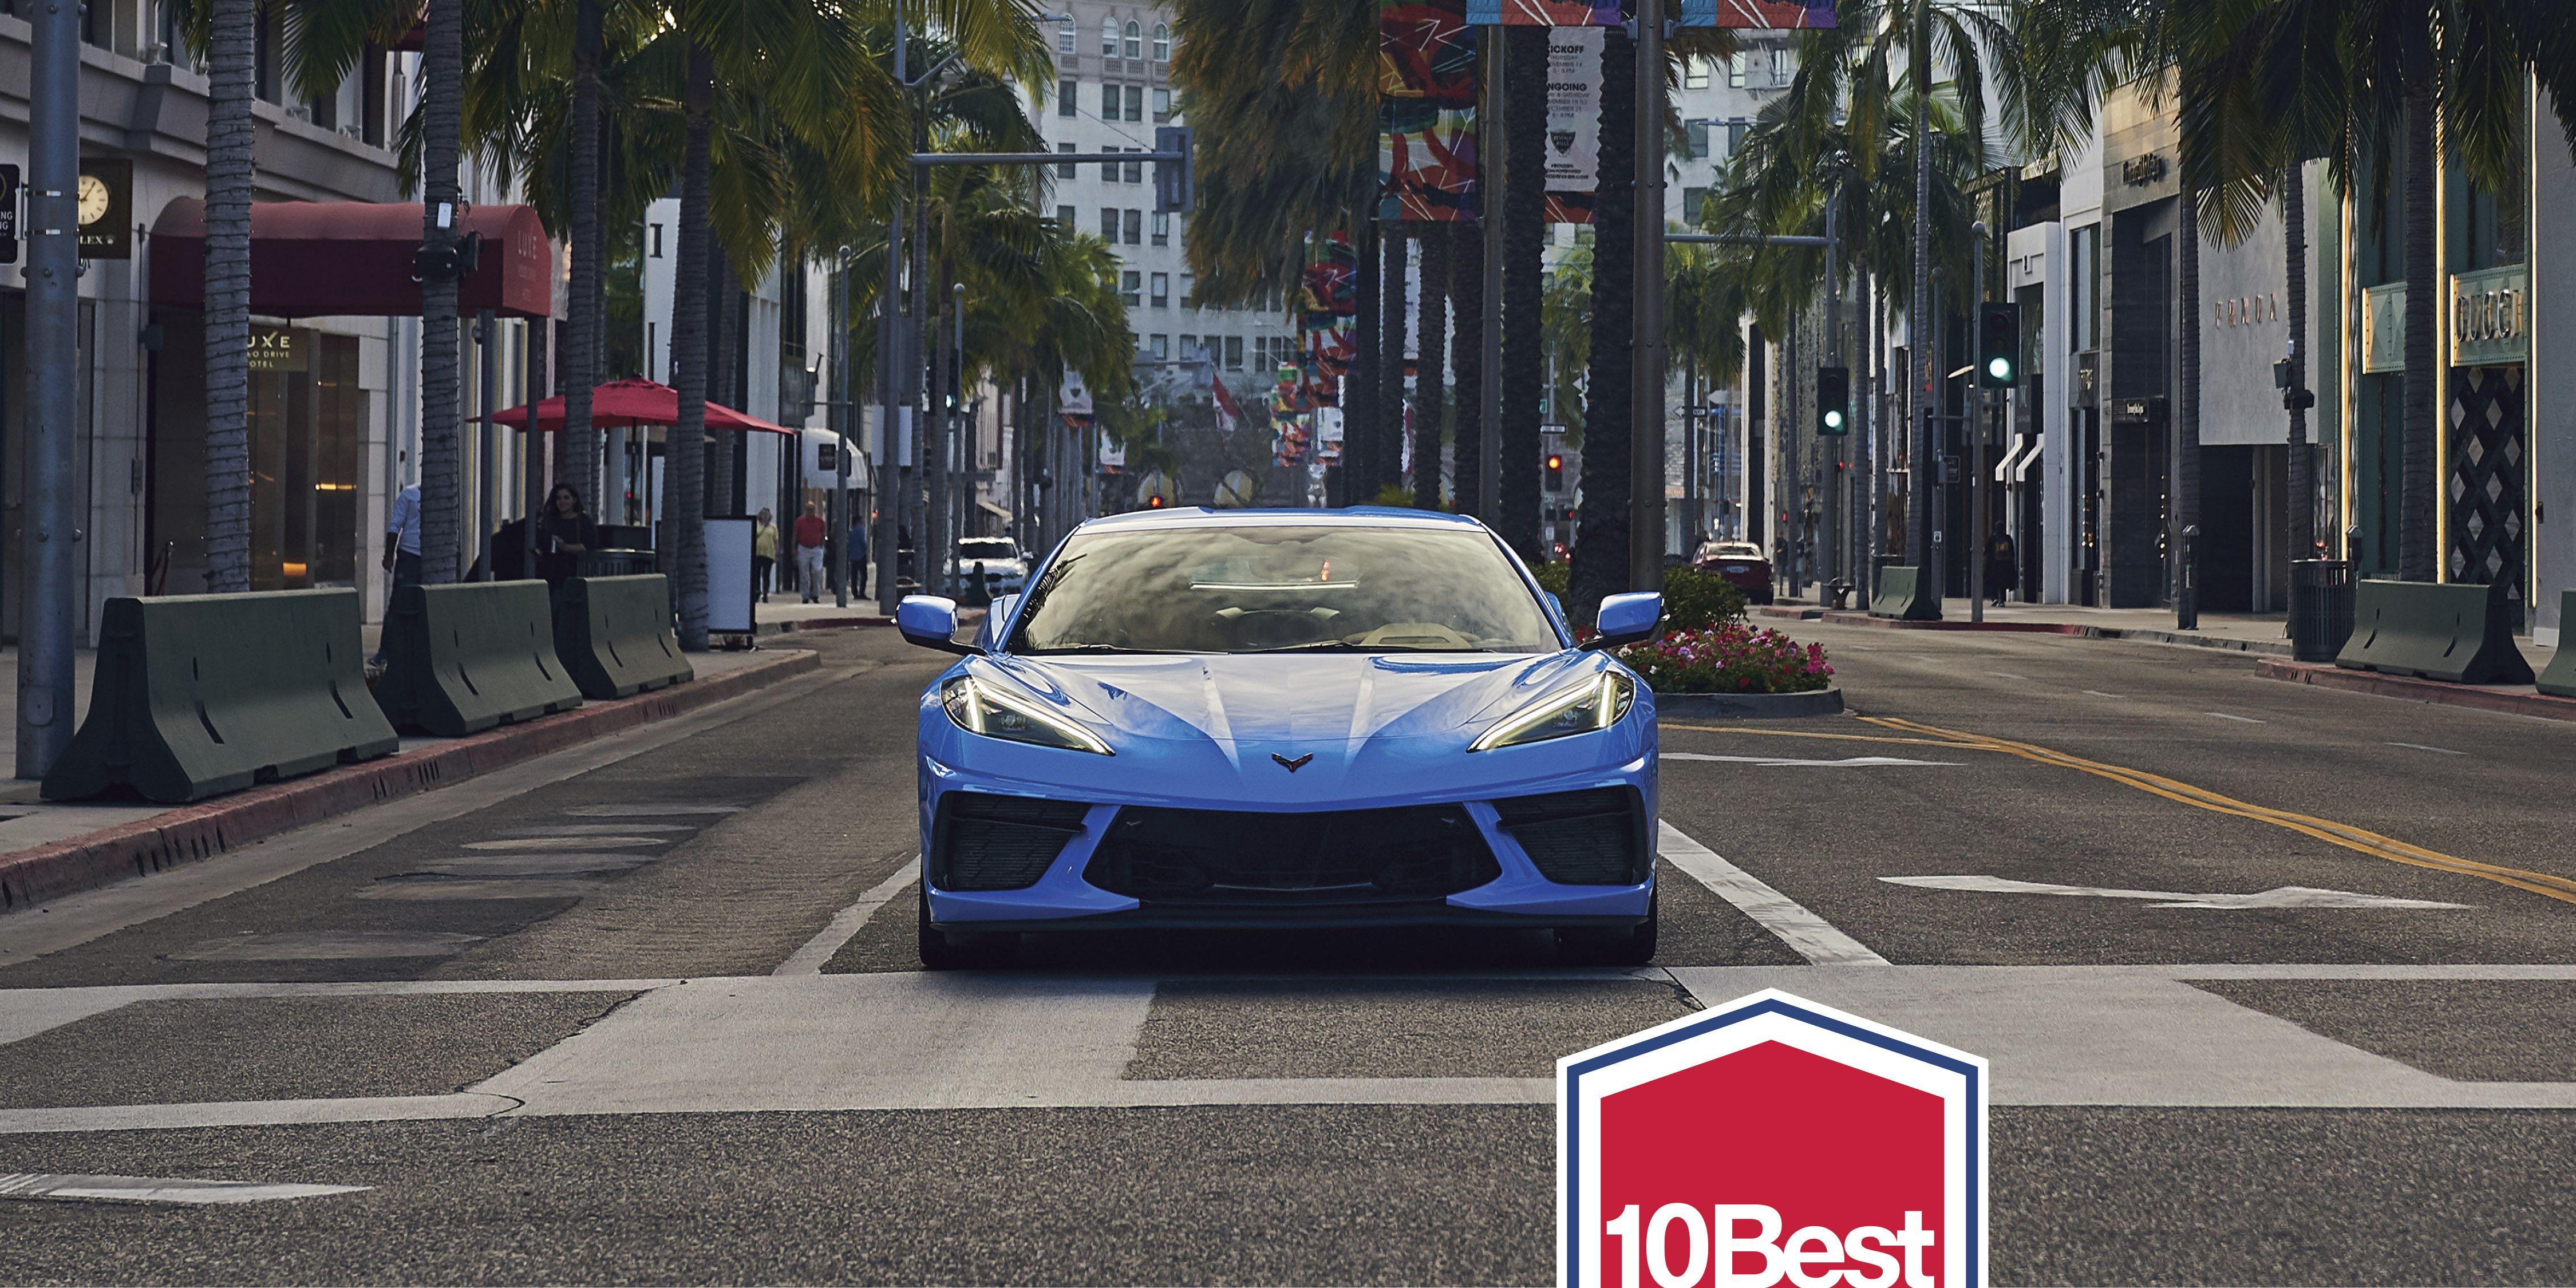 Dead Mans Curve Car Show 2020.2020 Chevrolet Corvette Car And Driver S 10best